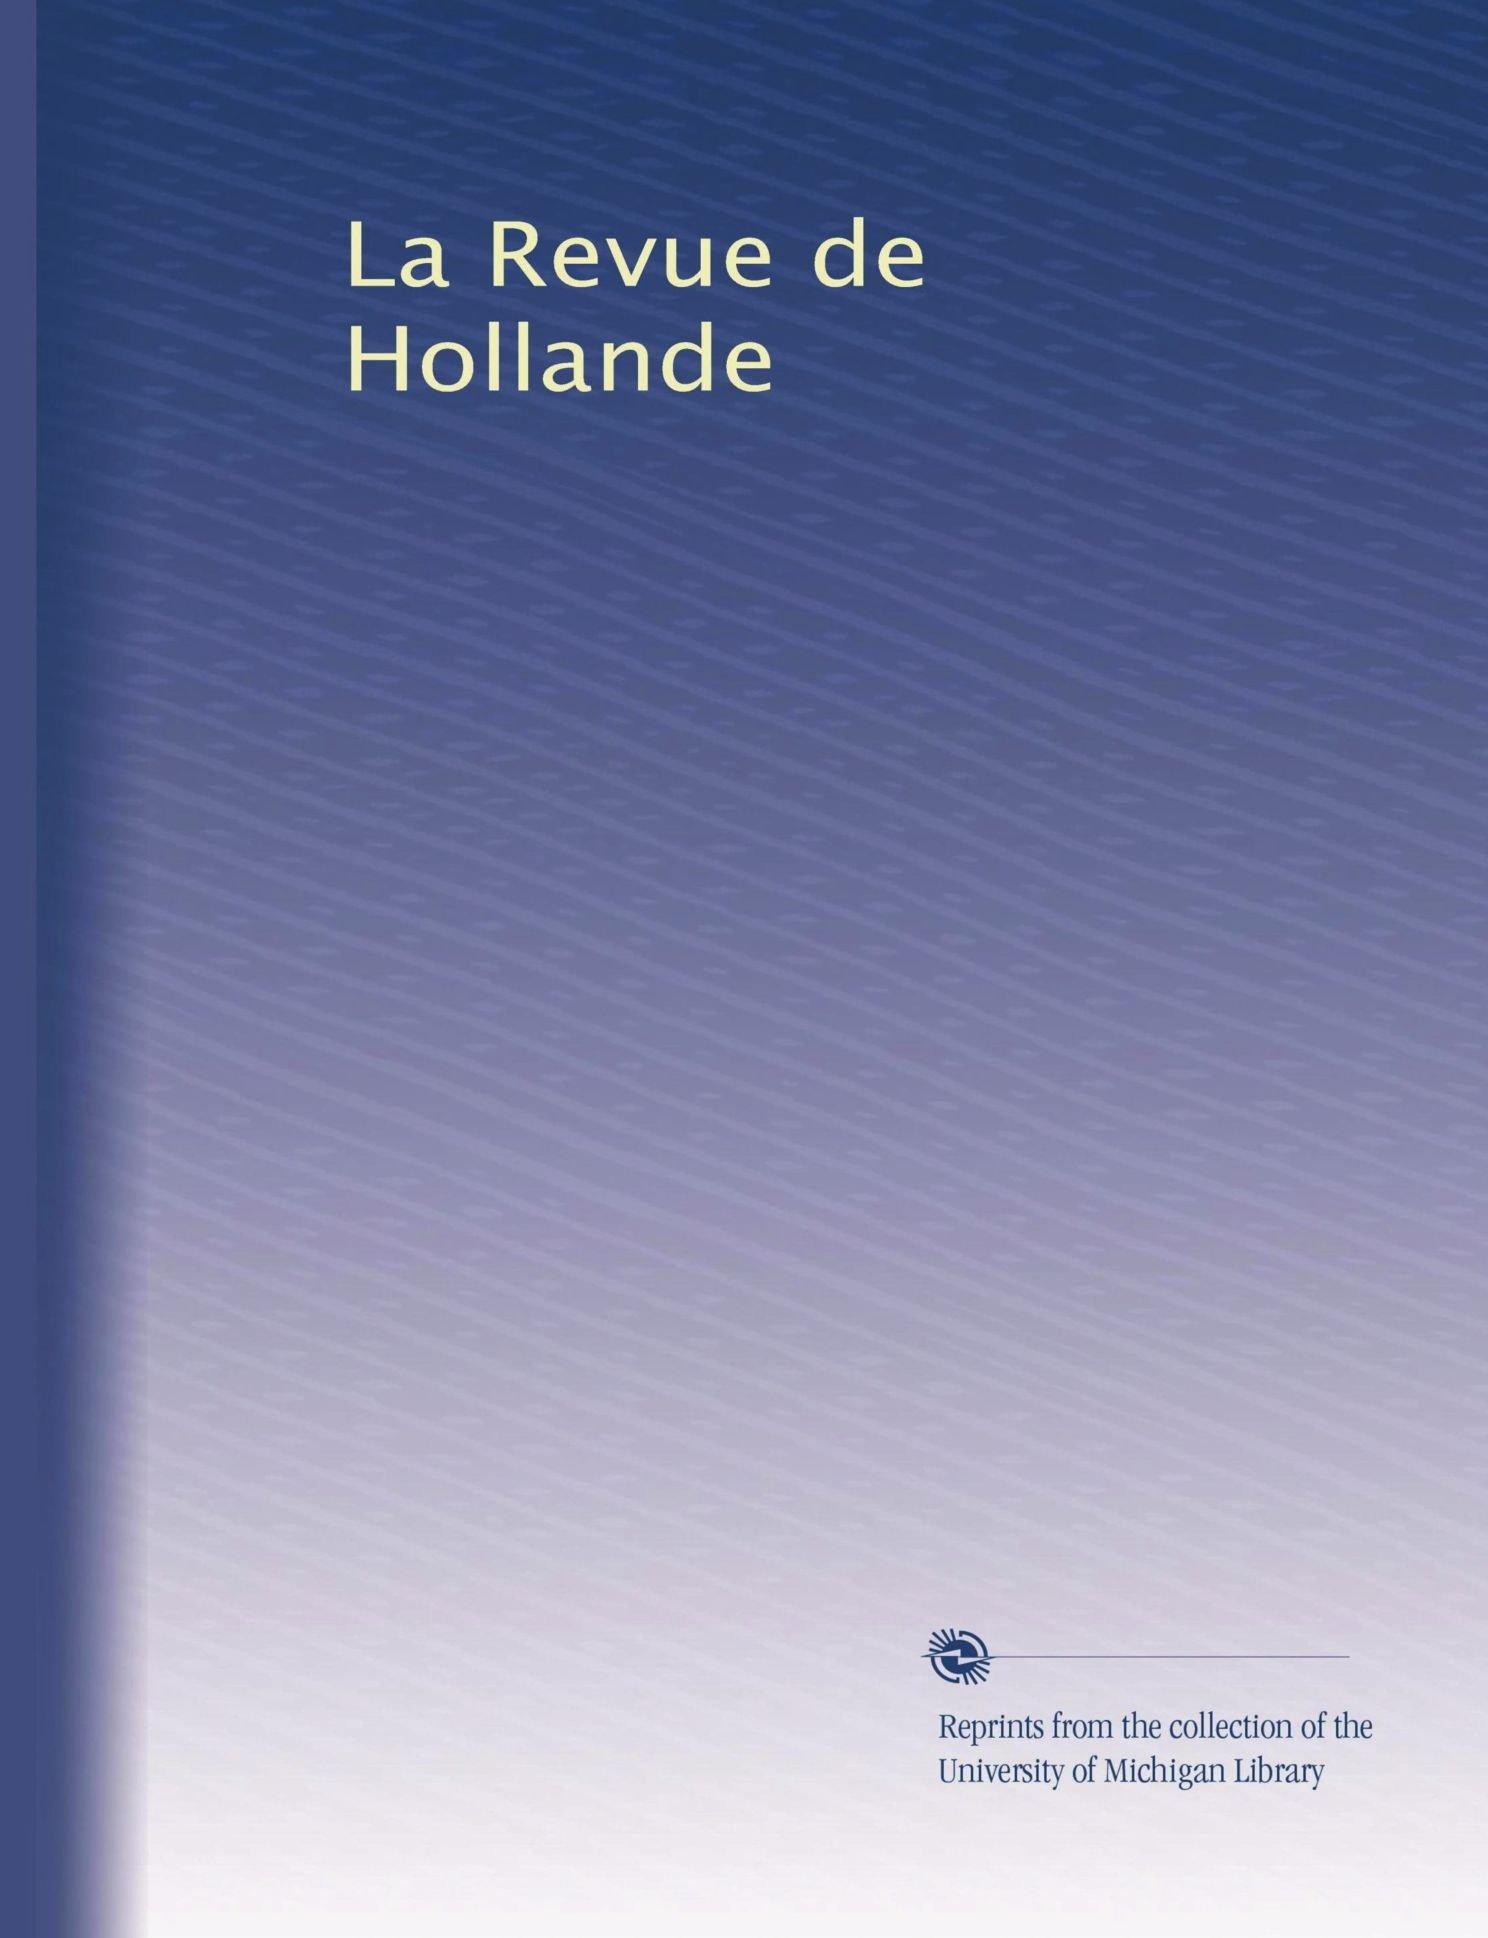 La Revue de Hollande (Volume 3) (French Edition) ebook